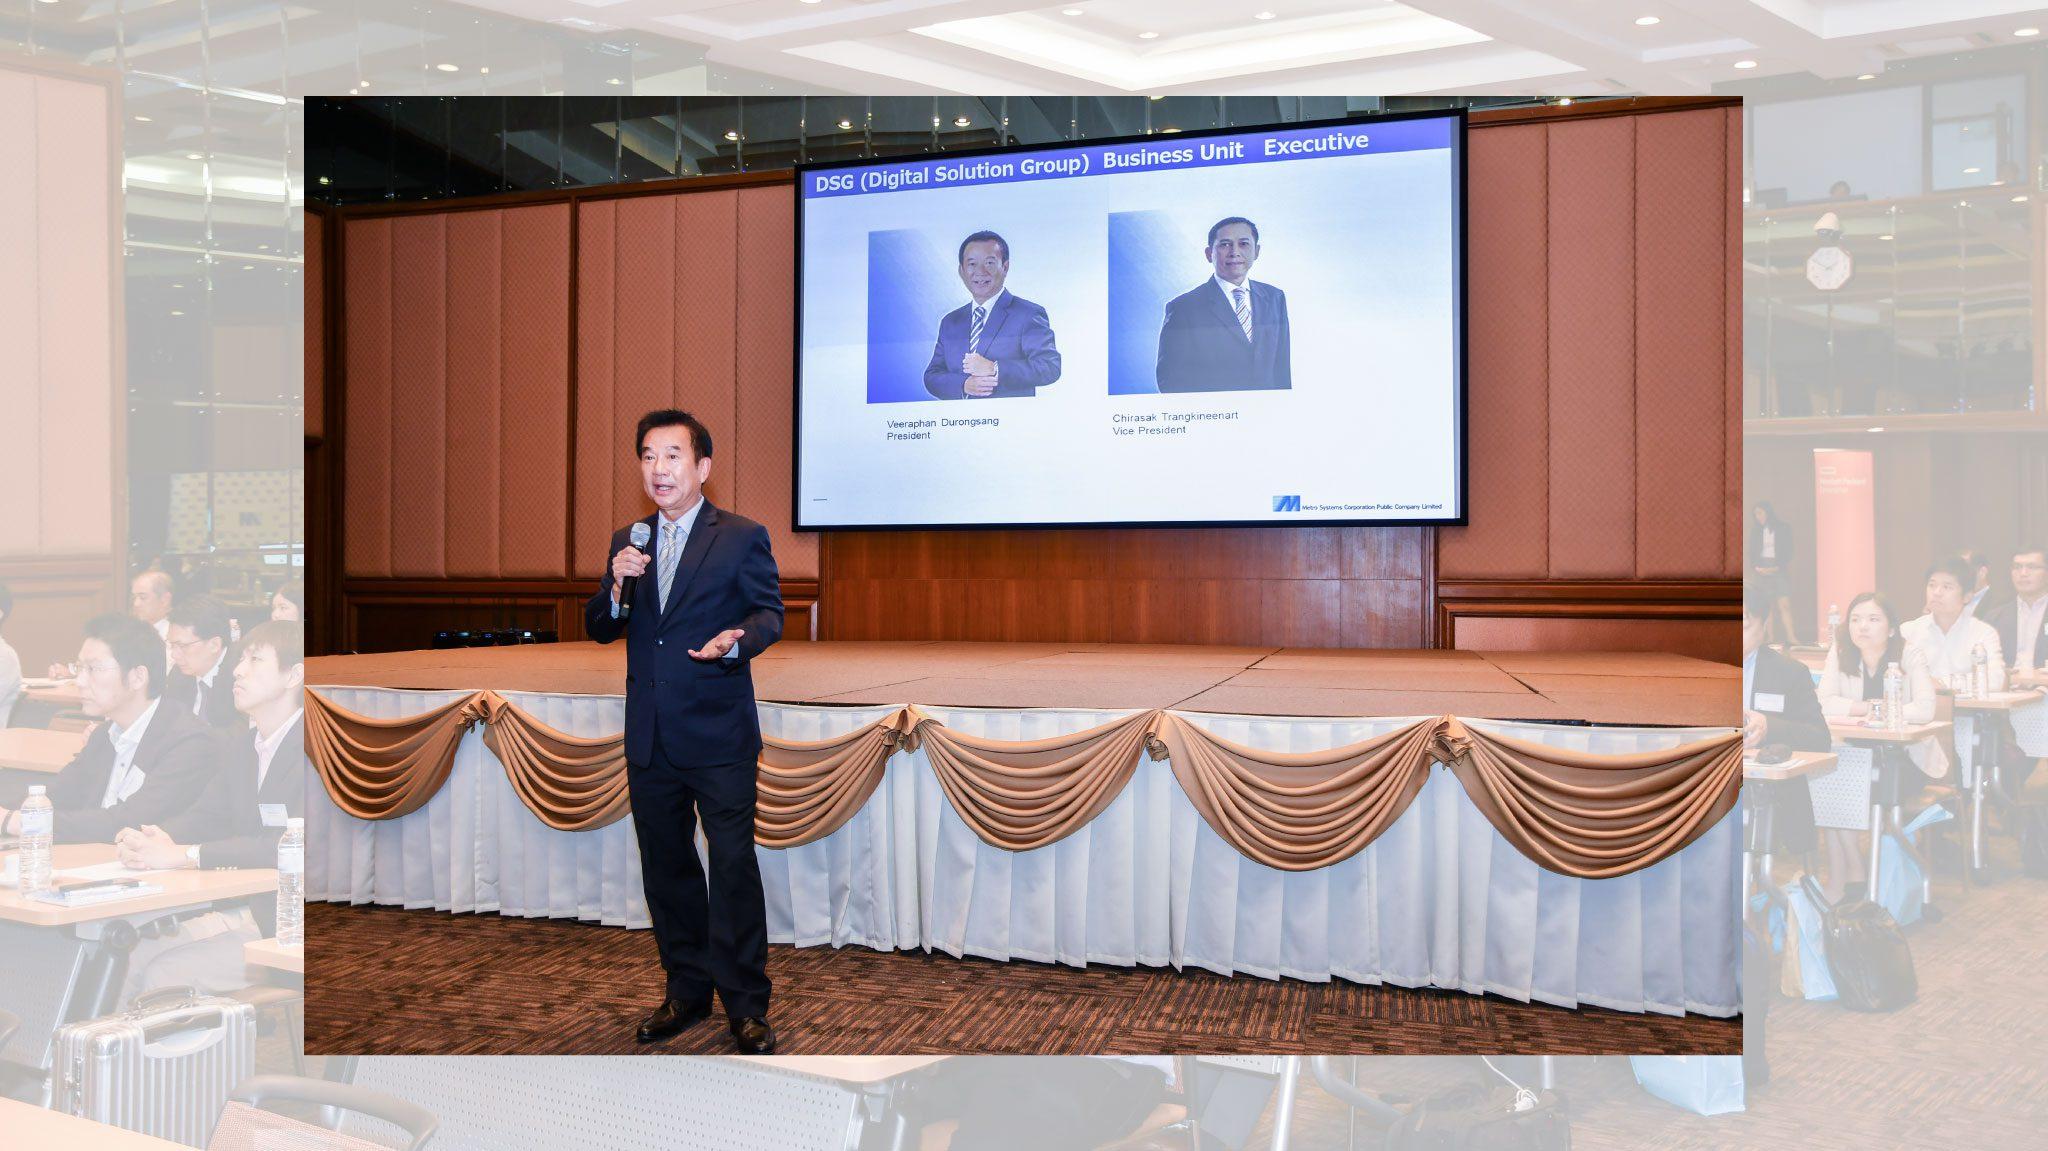 เมโทรซิสเต็มส์ฯ จัดงานสัมมนา MSC Open House for Japanese Customer เปิดบ้านแนะนำโซลูชั่นกับกลุ่มลูกค้าชาวญี่ปุ่น